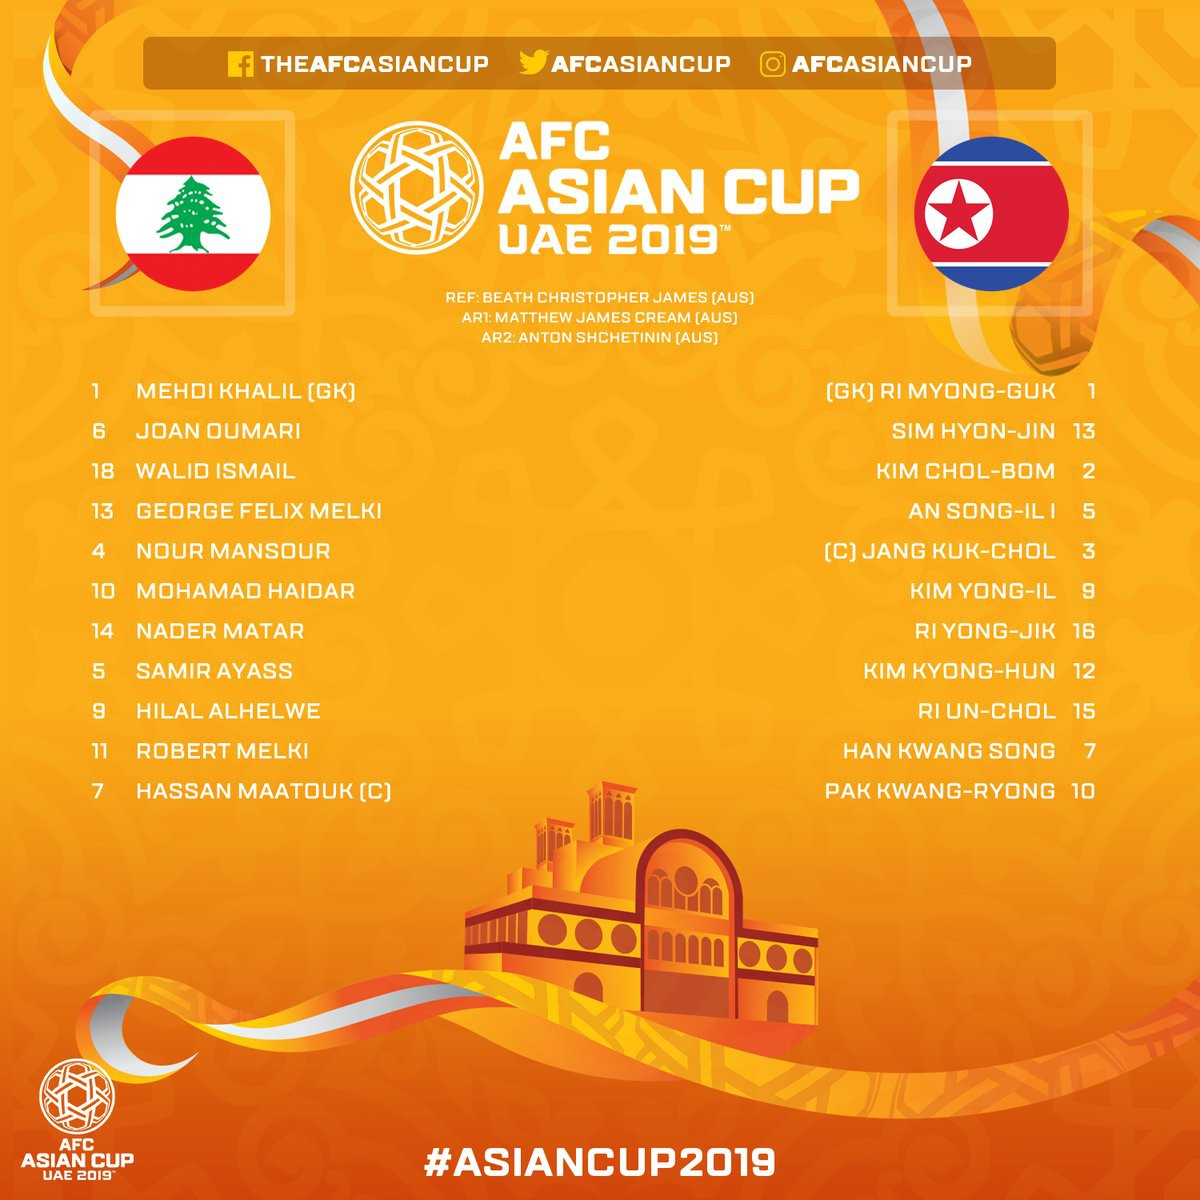 Lebanon 4-1 CHDCND Triều Tiên: Lebanon mất tấm vé đi tiếp vào tay tuyển Việt Nam vì hai chiếc thẻ vàng - Ảnh 2.